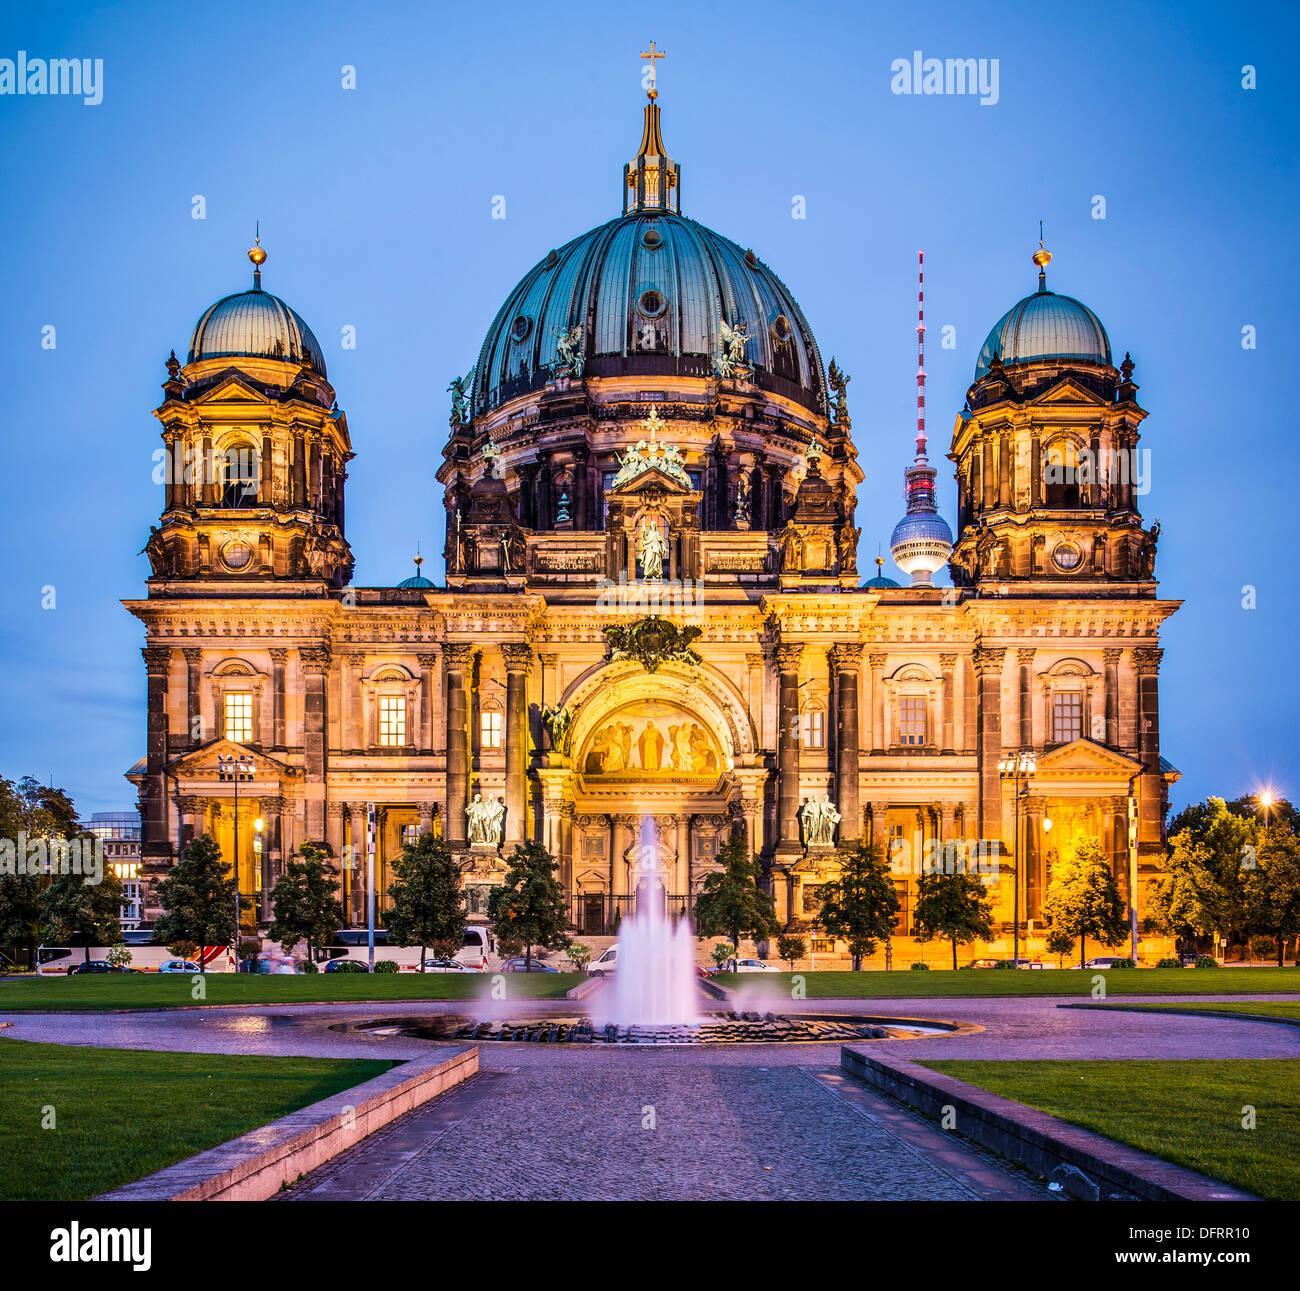 La Catedral de Berlín en Berlín, Alemania. En la iglesia la formación se remonta a 1451. Imagen De Stock